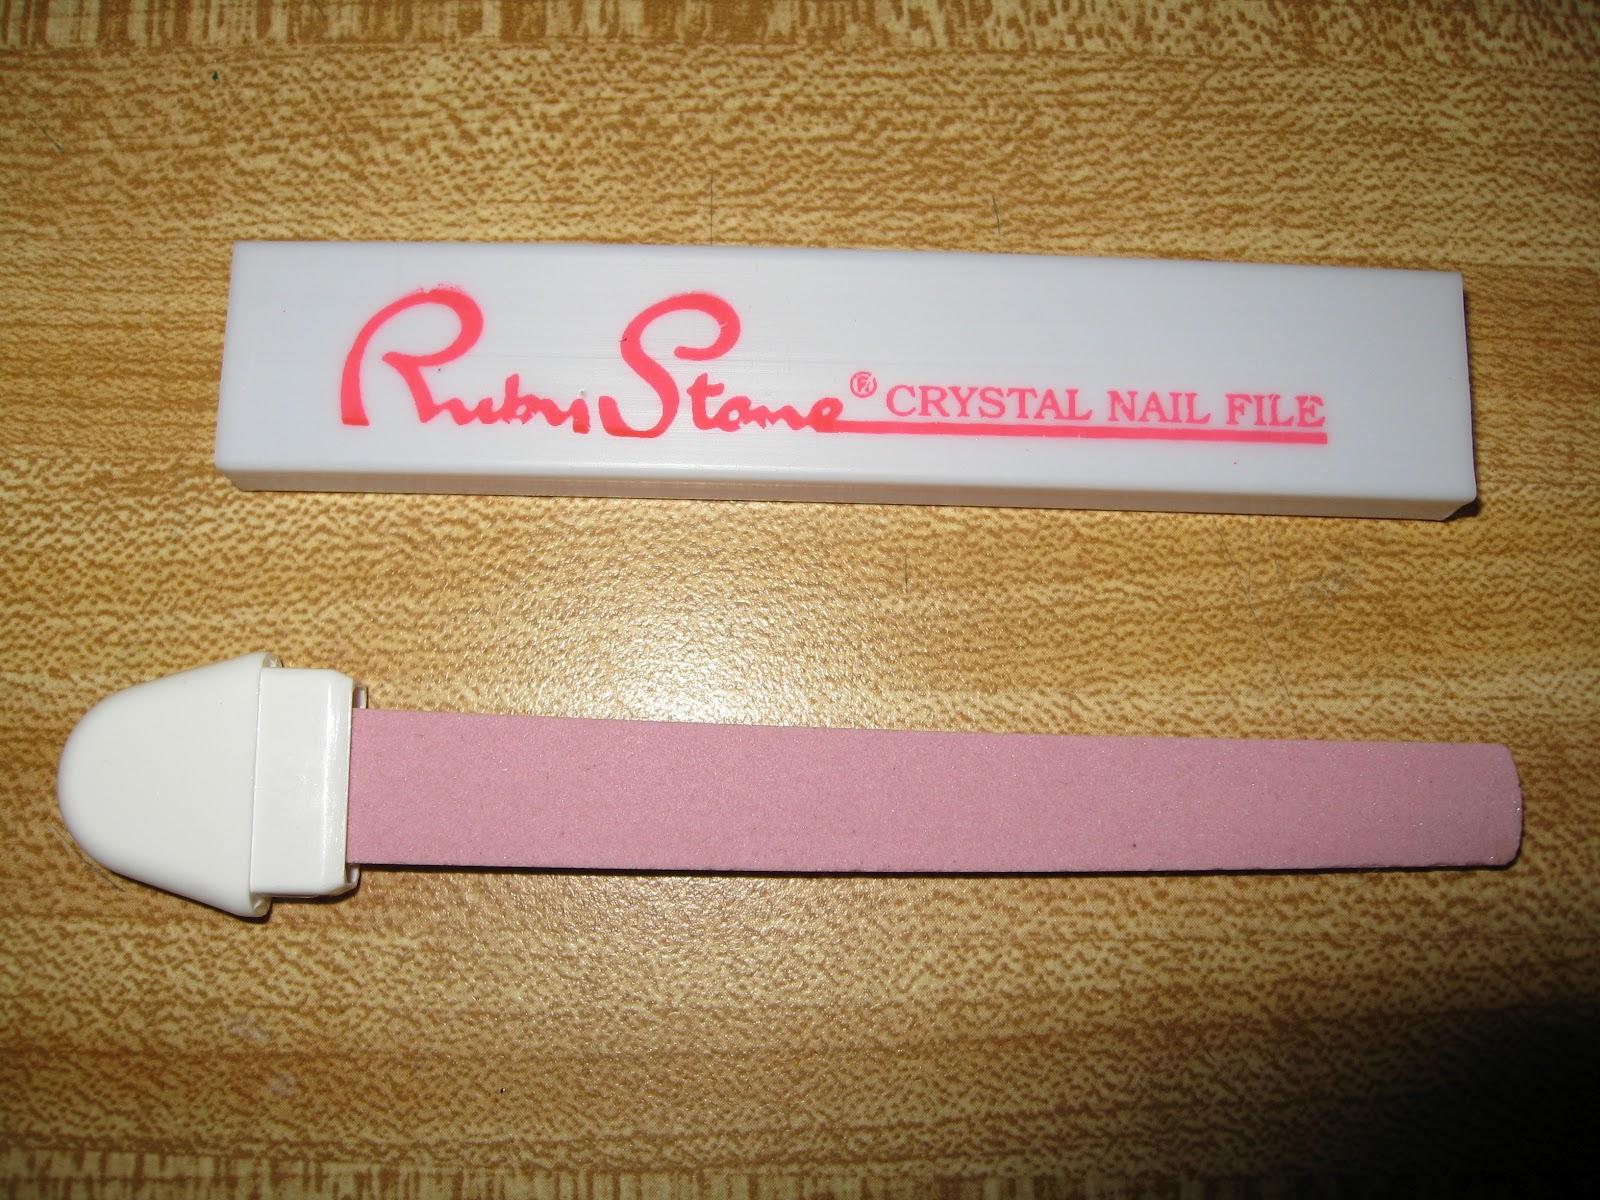 Ruby Stone Crystal Nail File